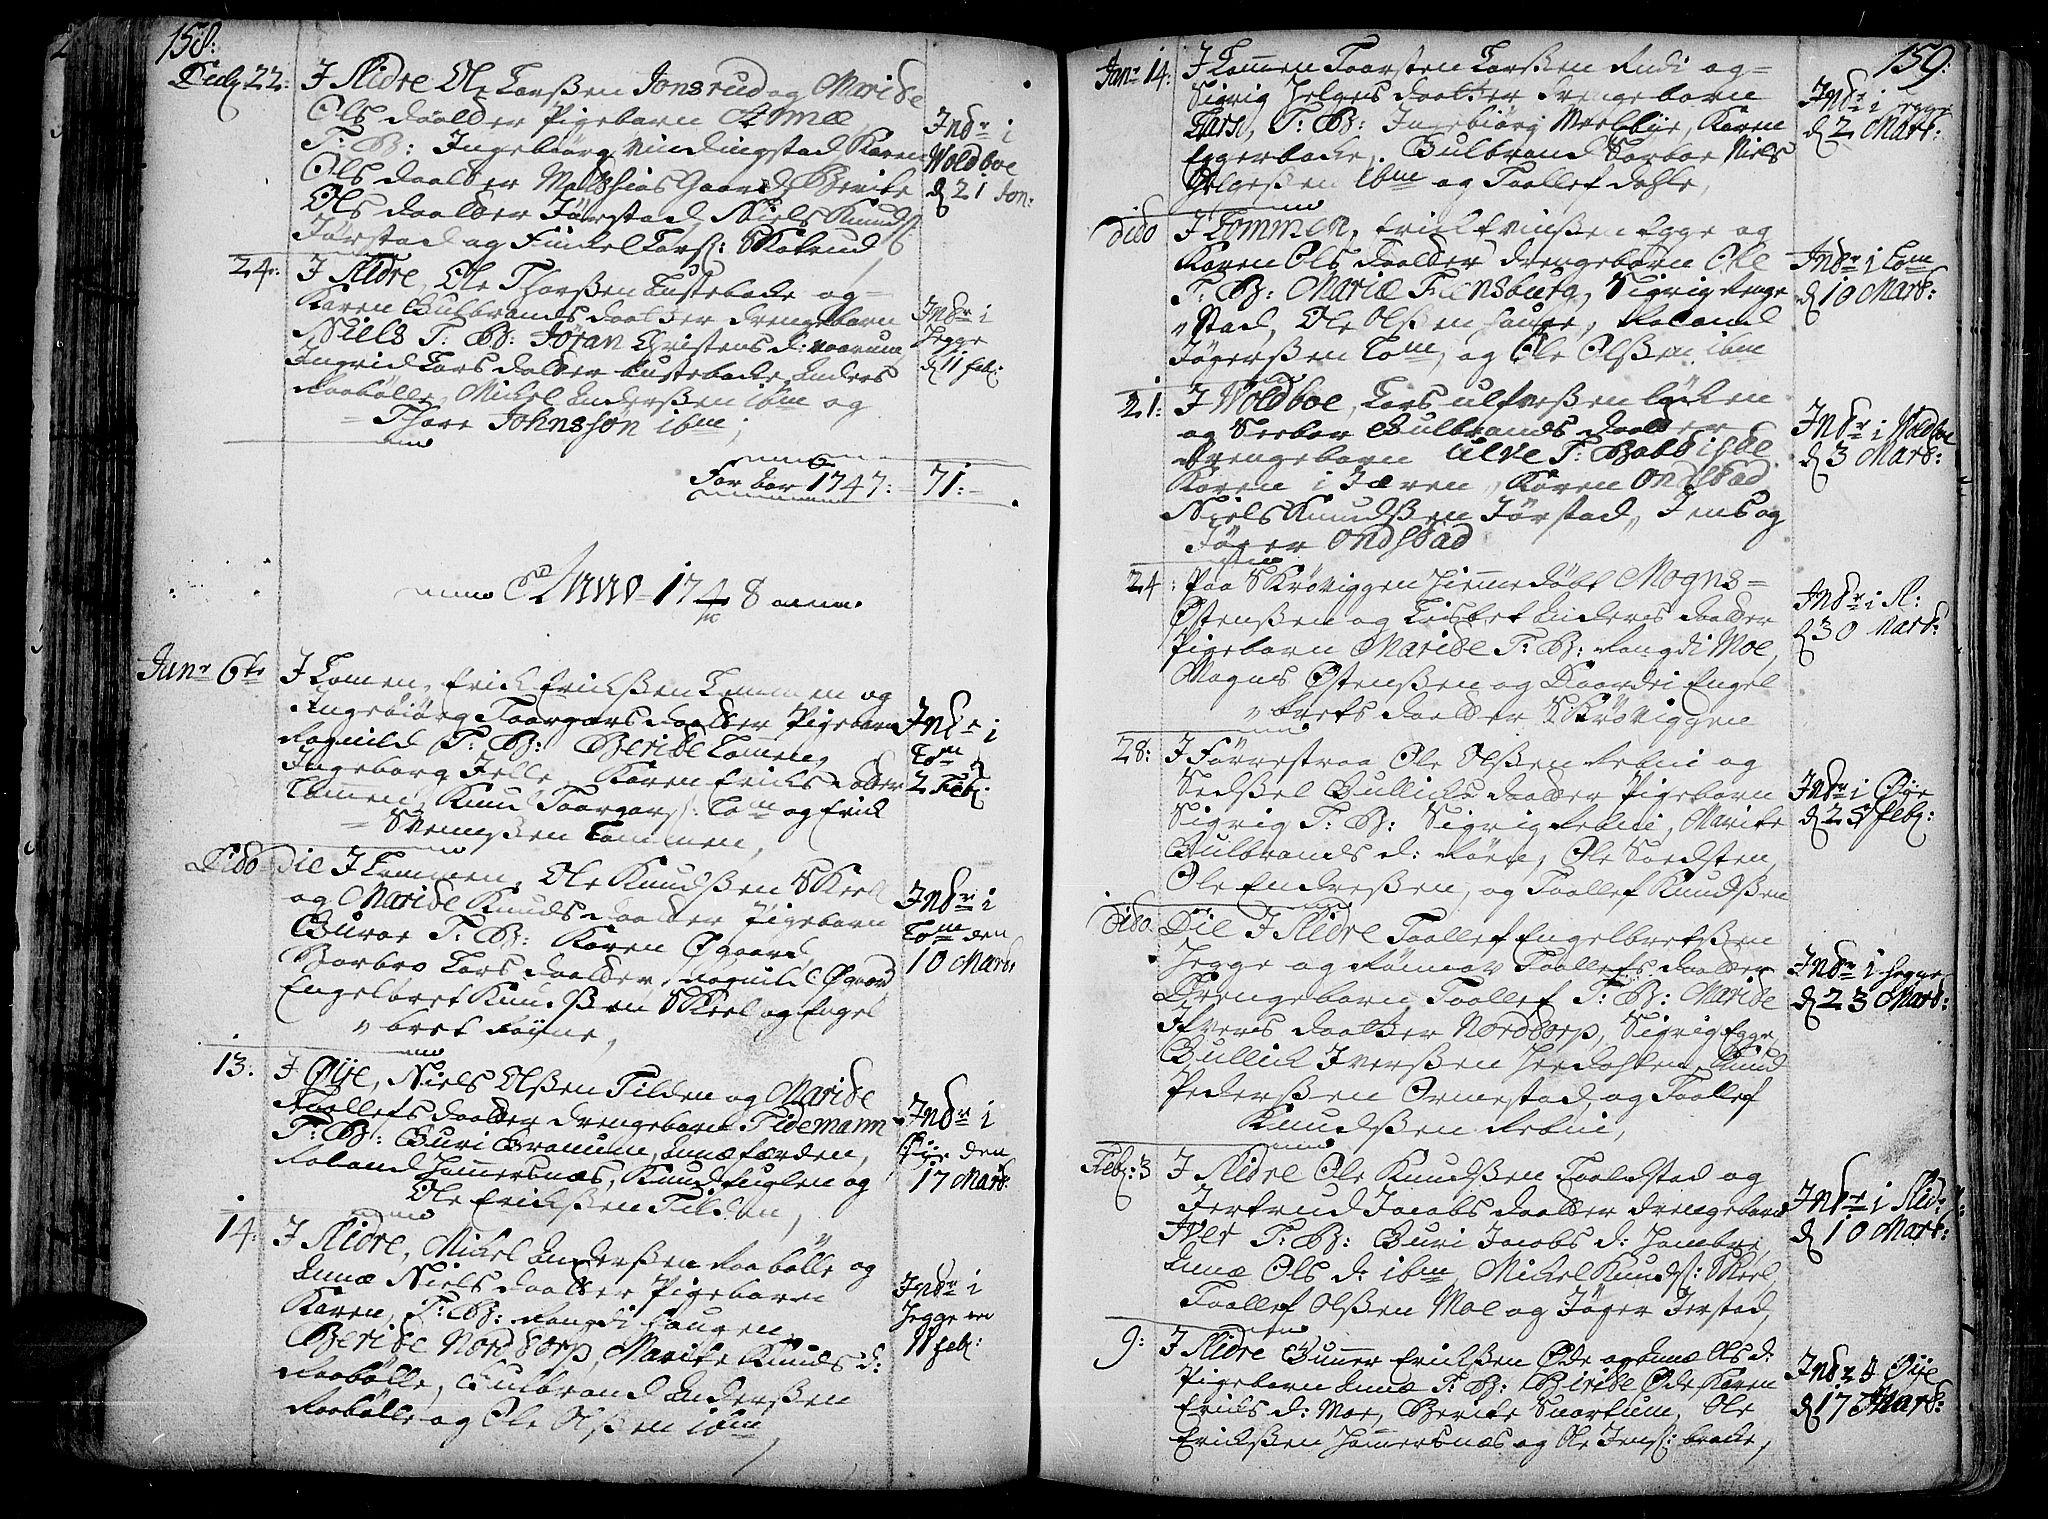 SAH, Slidre prestekontor, Ministerialbok nr. 1, 1724-1814, s. 158-159